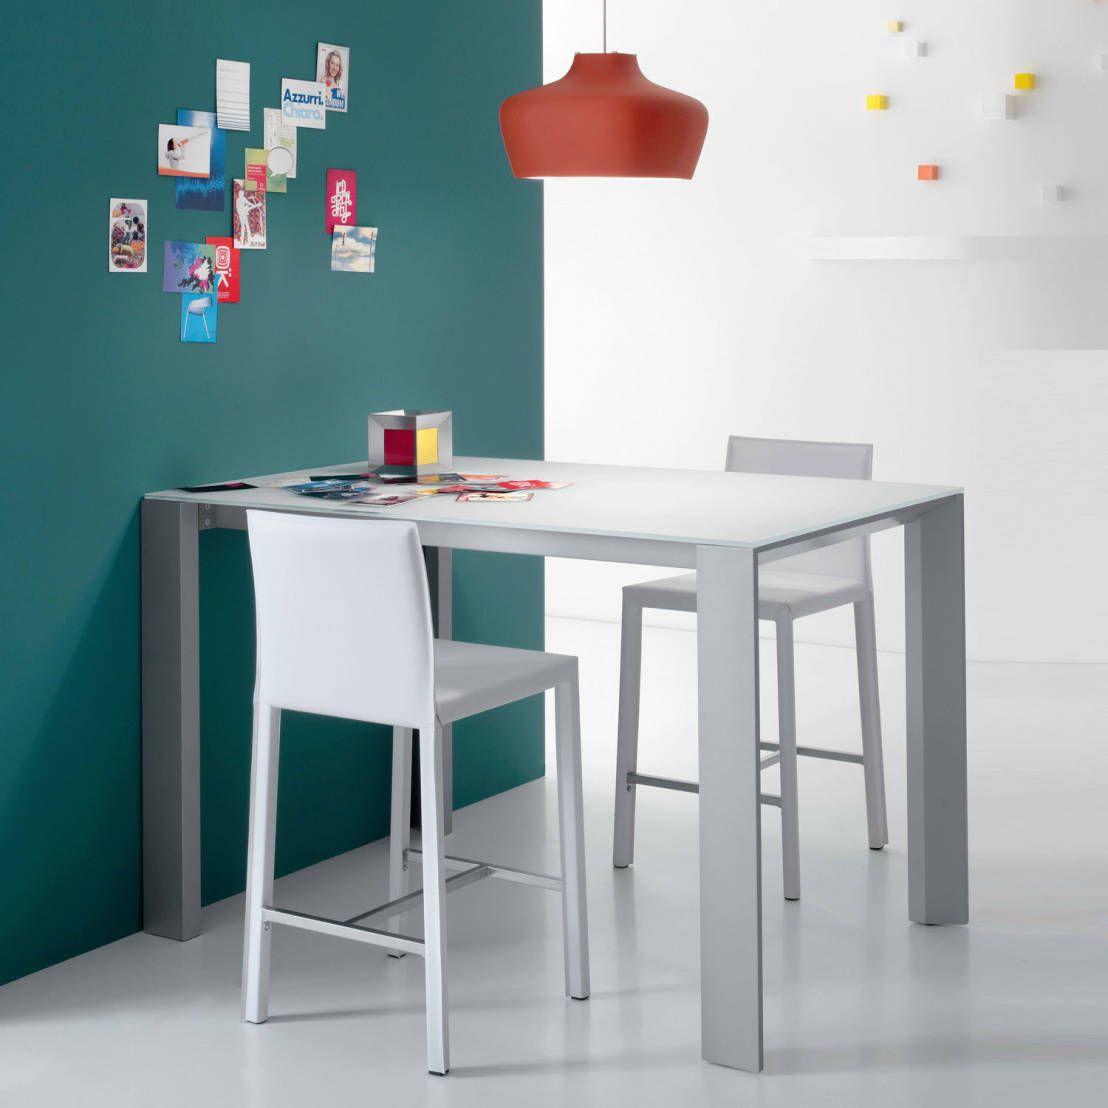 Calligaris Tavolo Consolle Allungabile Mistery.Trasformare Un Ambiente Il Tavolo Consolle Allungabile Table